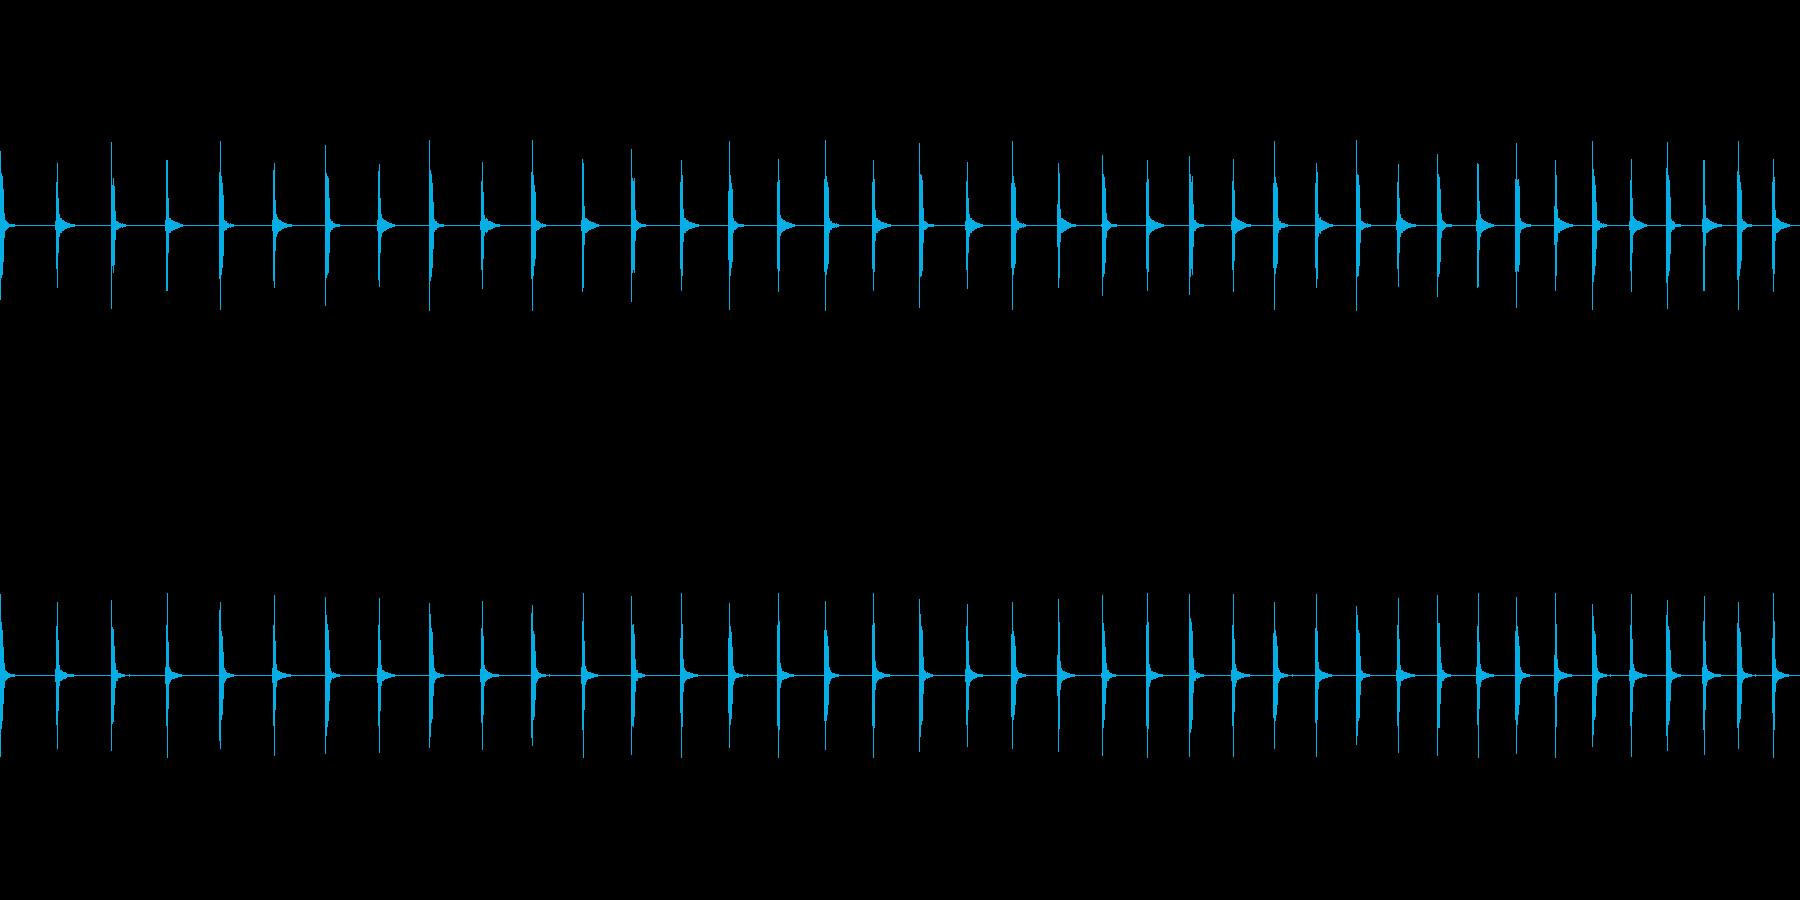 チッチッチ:早くなる秒針の音の再生済みの波形